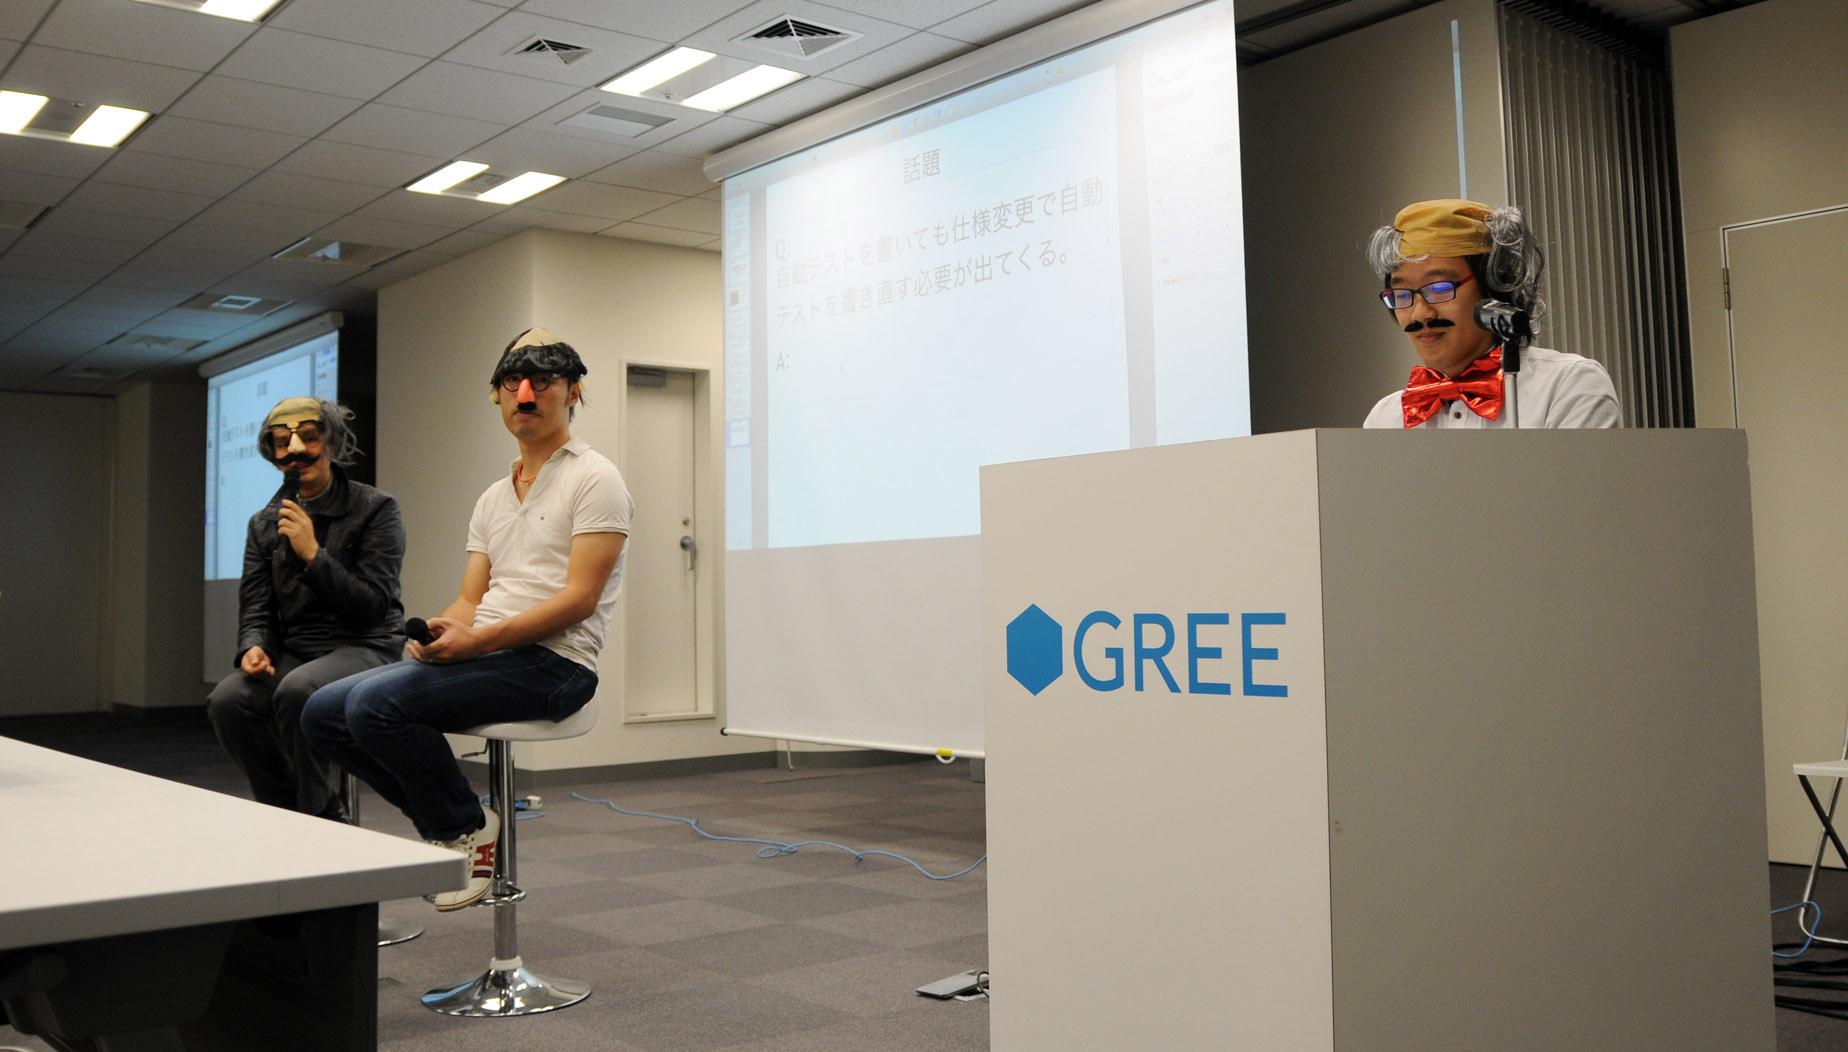 gree tech #4 パネルディスカッション